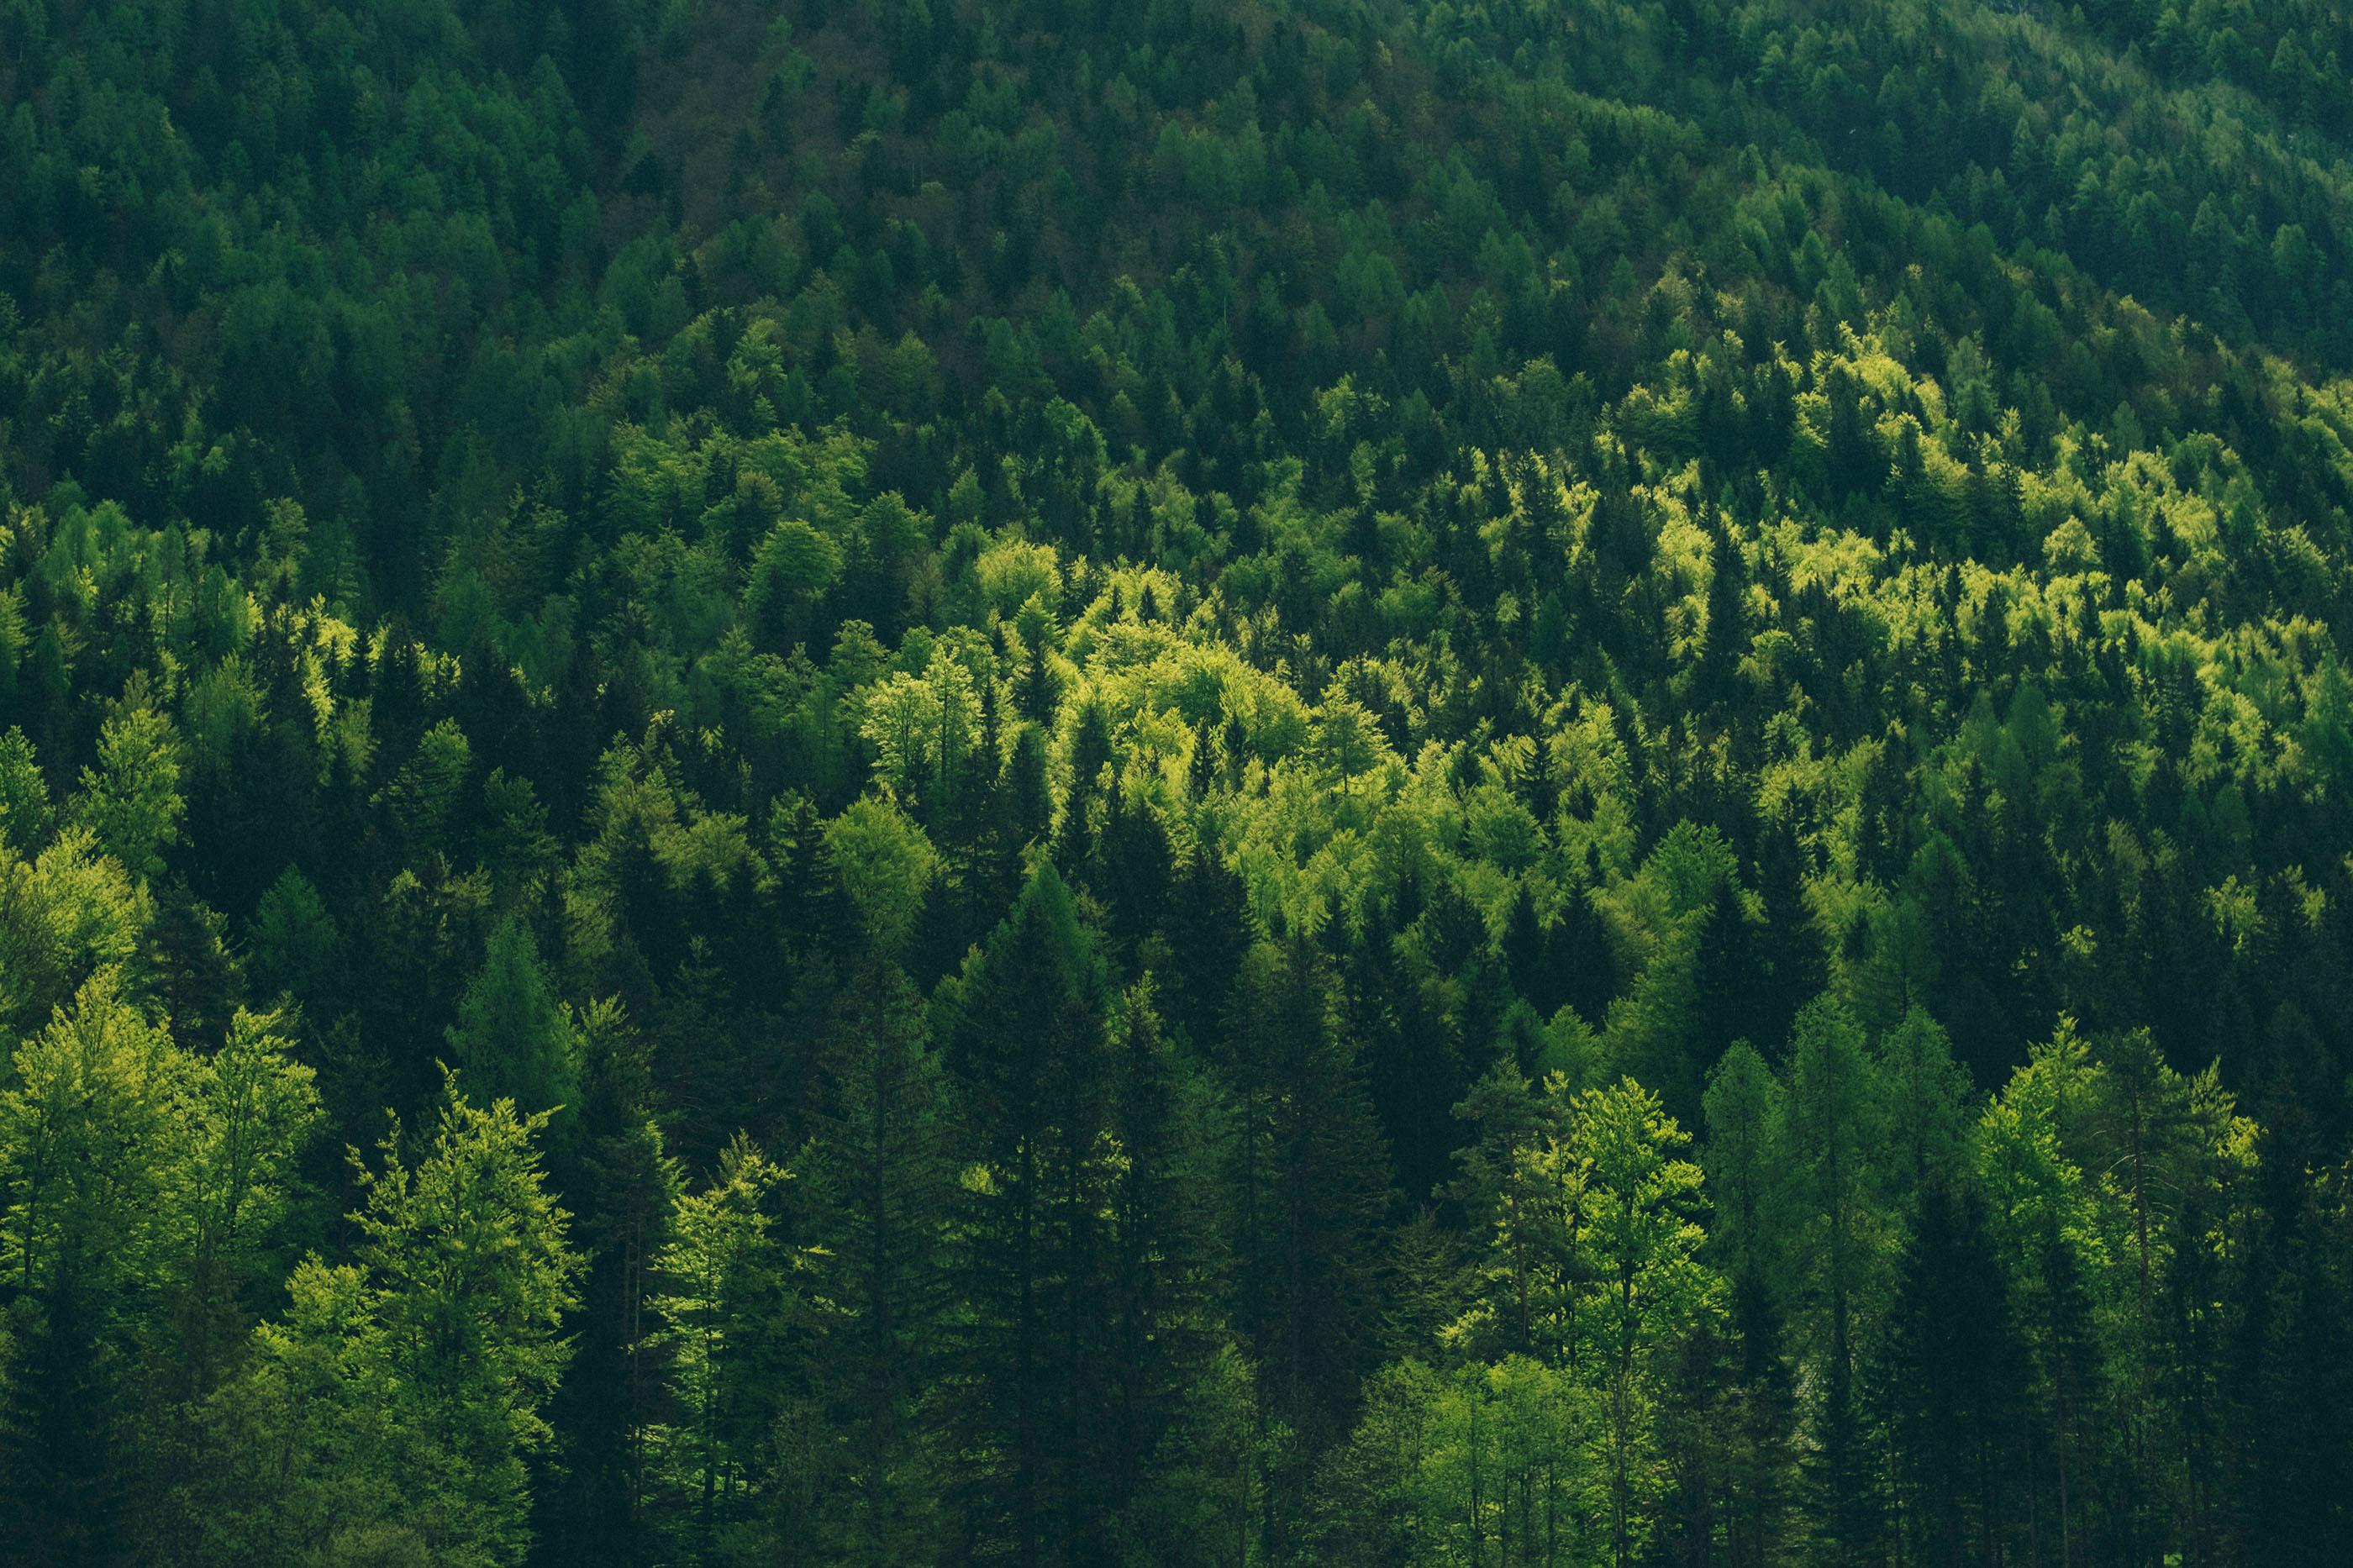 Forrest near Lake Jasna